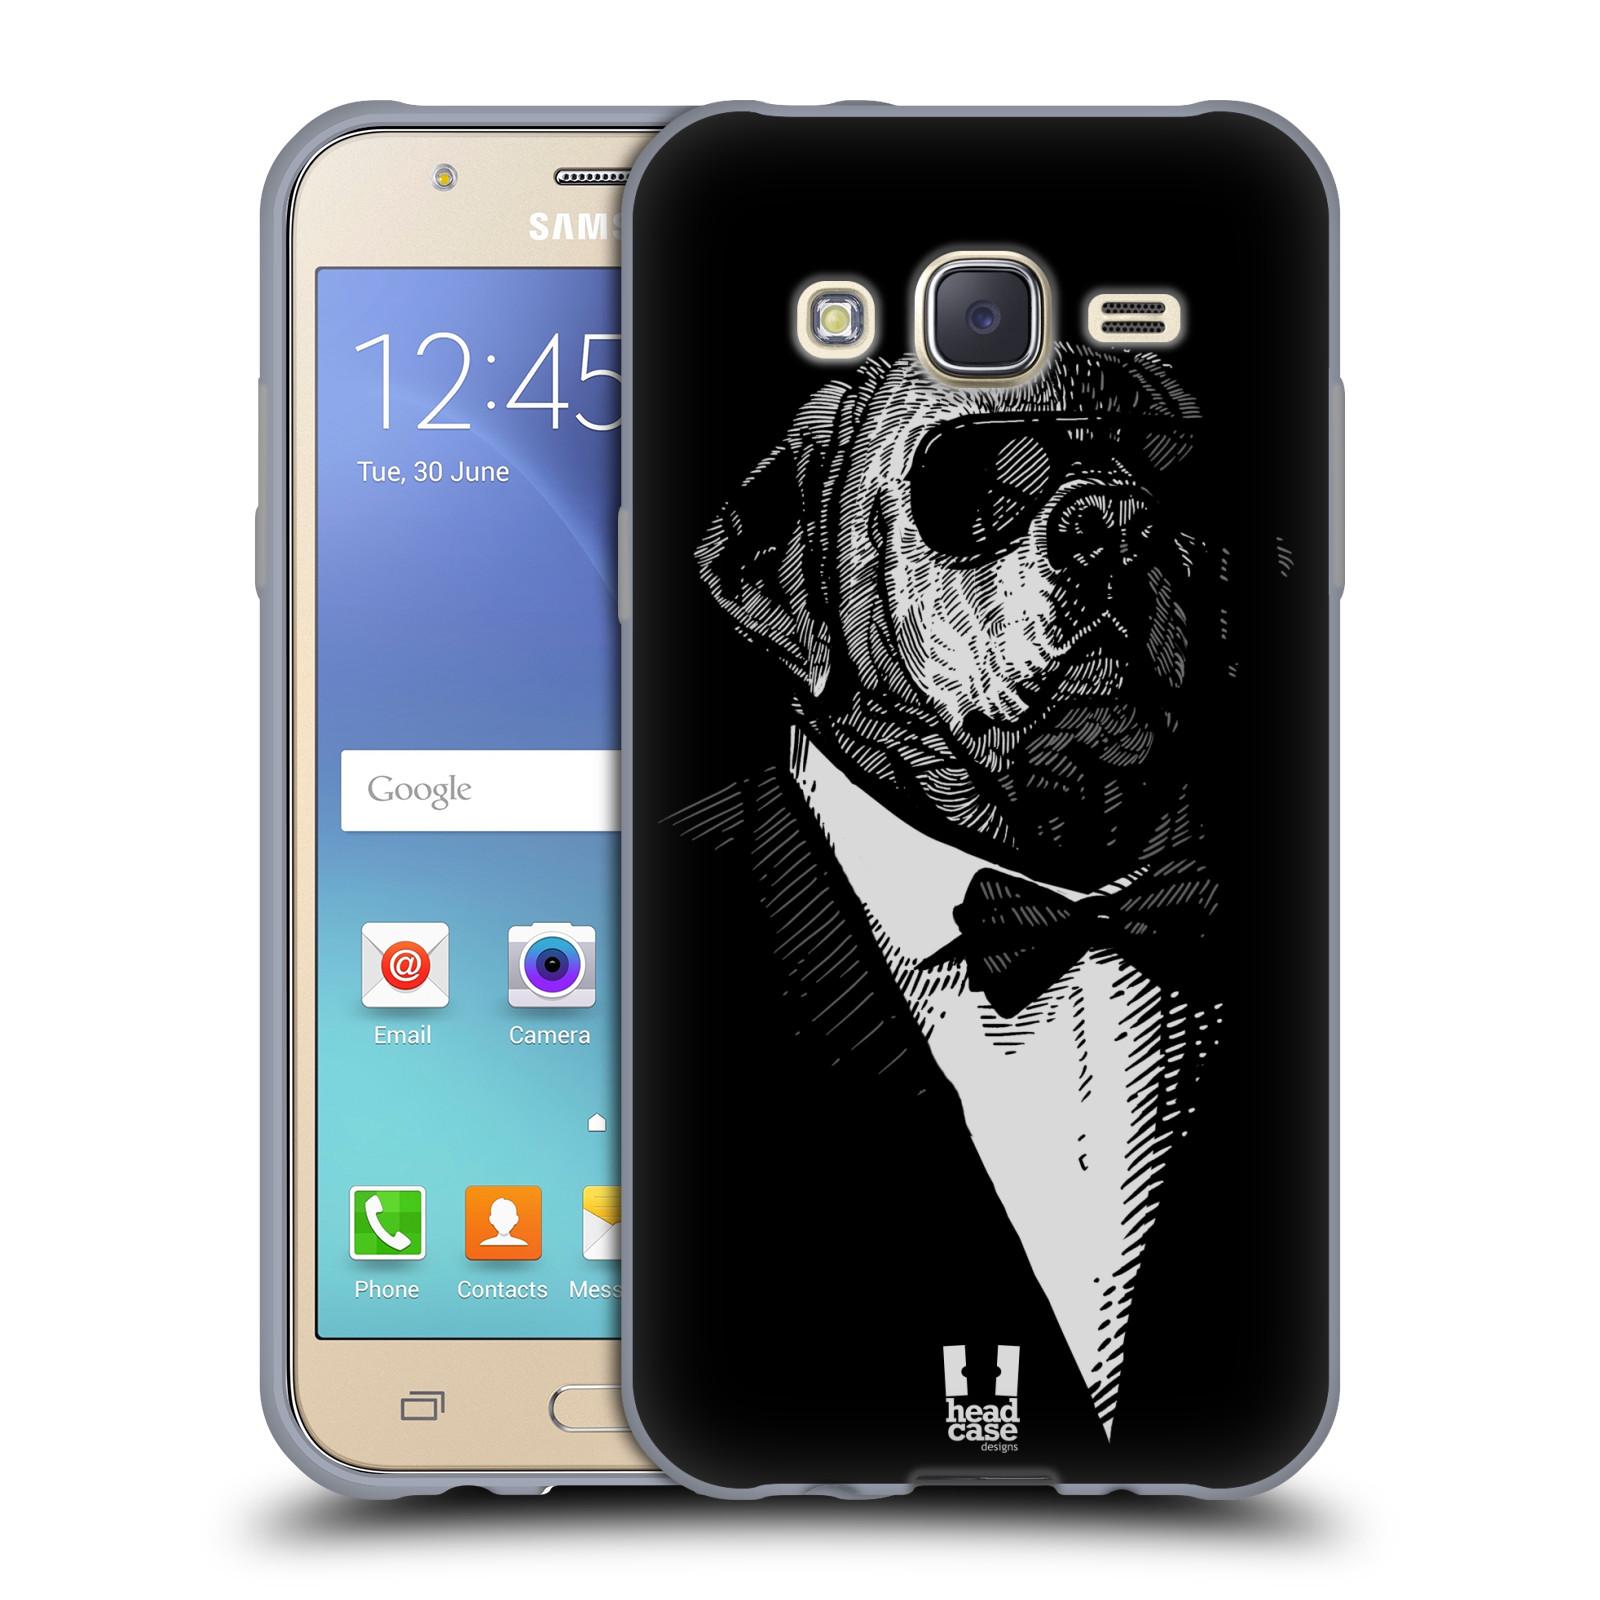 HEAD CASE silikonový obal na mobil Samsung Galaxy J5, J500, (J5 DUOS) vzor Zvíře v obleku pes